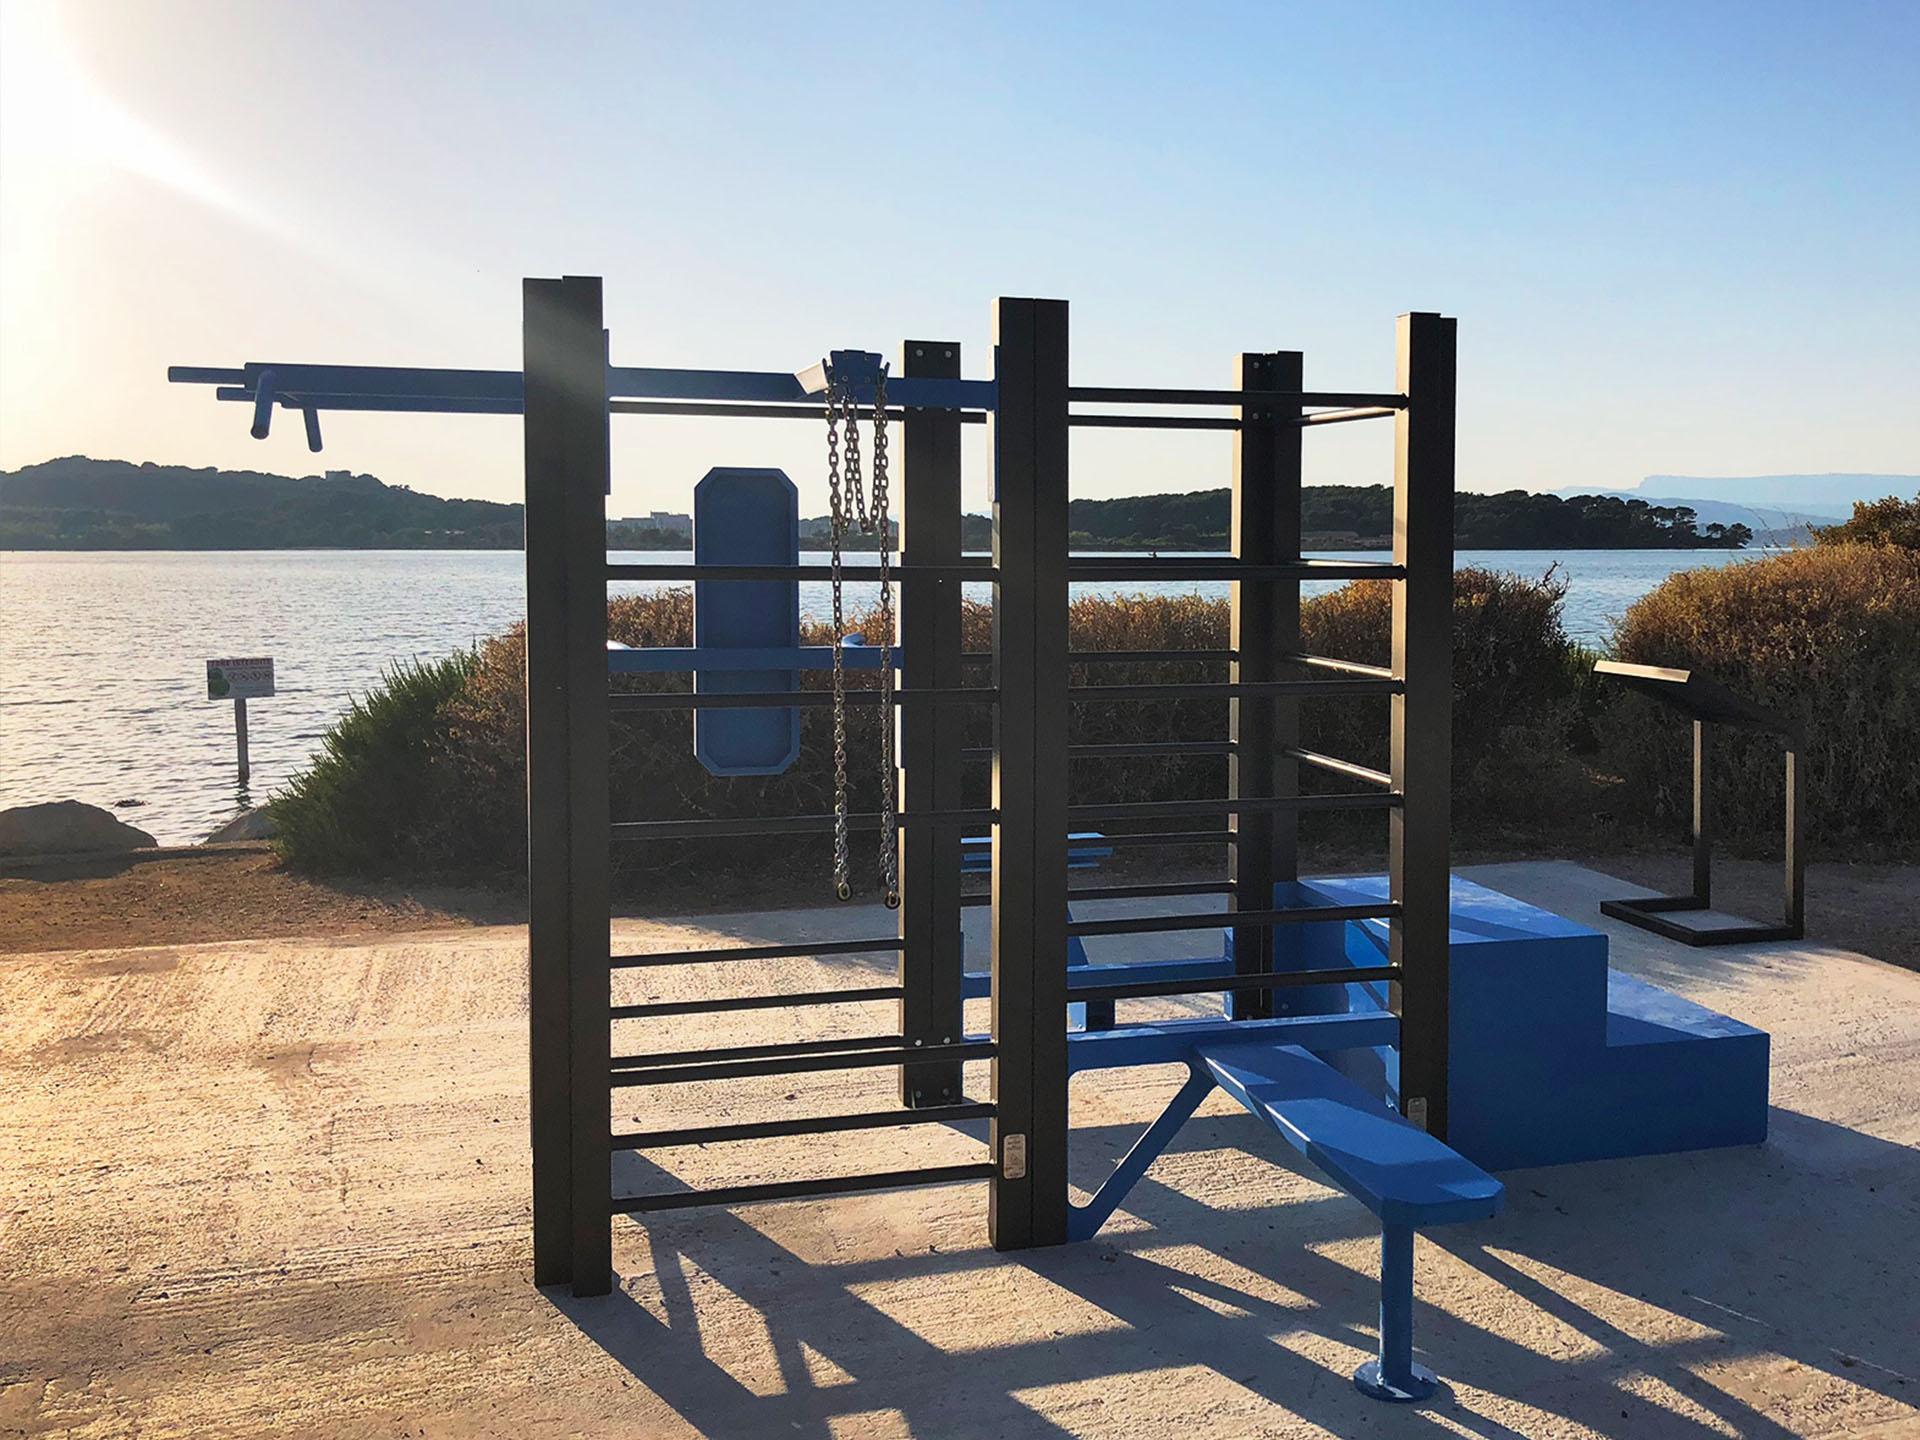 Photo de l'équipement sportif à l'île du Petit Gaou - Six-Fours-les-Plages